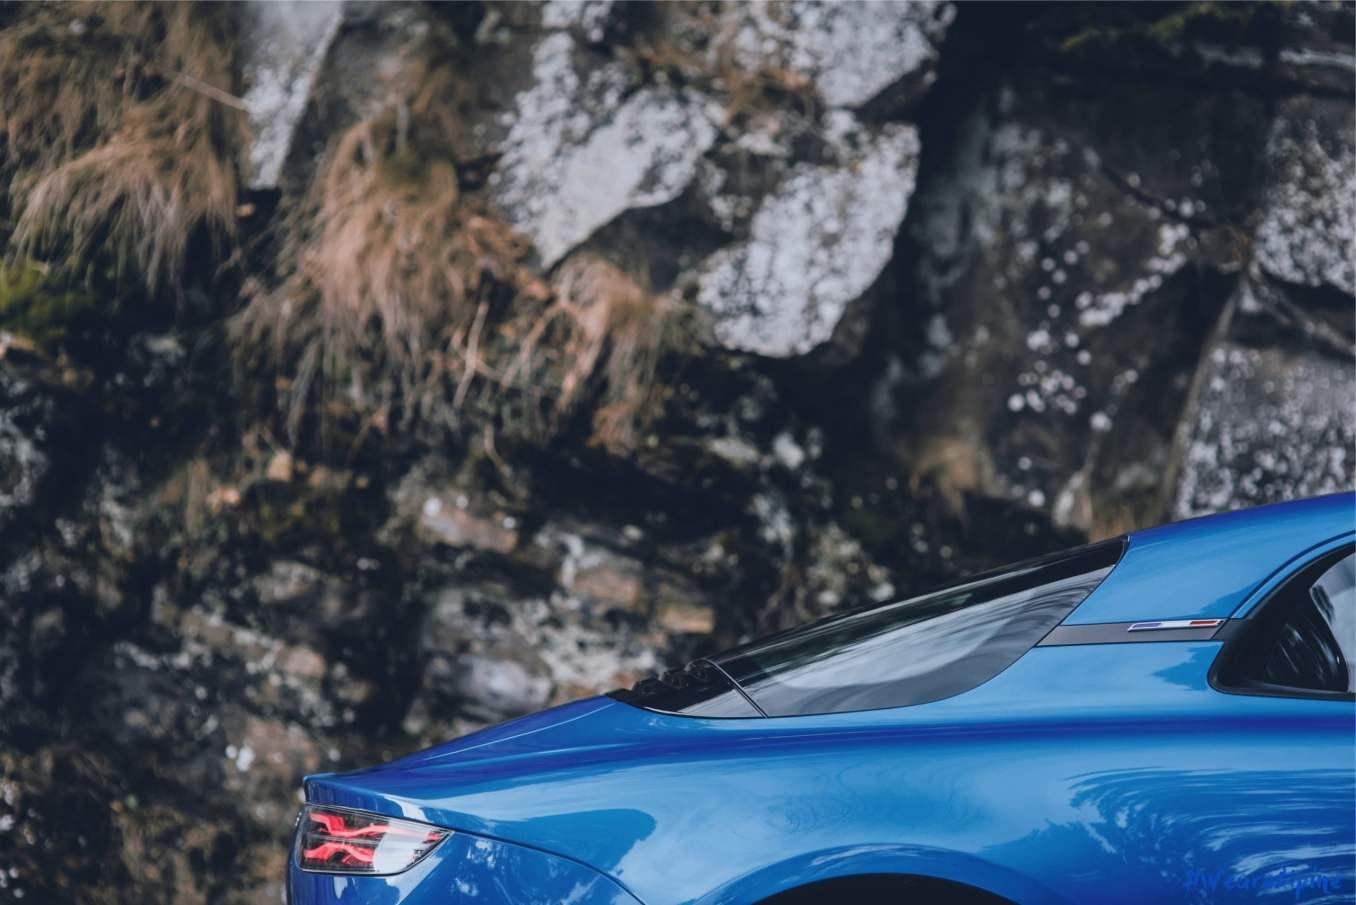 Genève 2017 Alpine A110 Premiere edition officielle 9 imp scaled | Salon de Genève 2017, toutes les informations officielles de l'Alpine A110 !